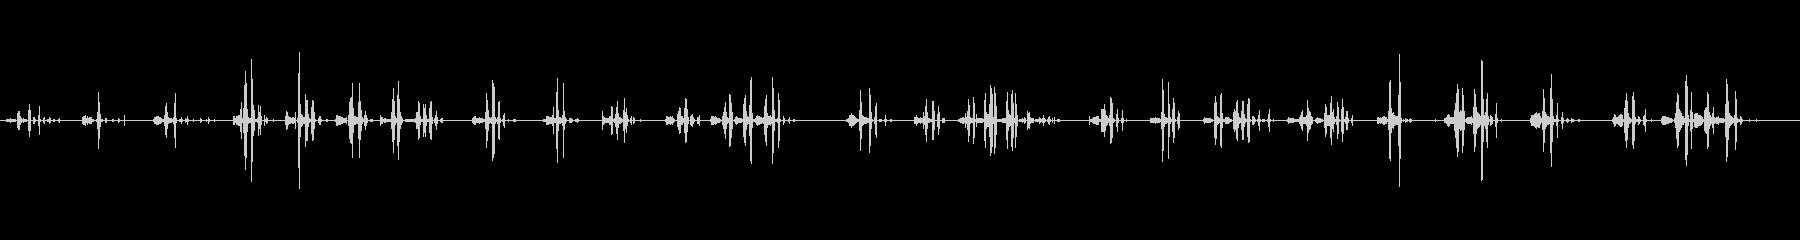 ラフター、マン、イーブン、ヒューマ...の未再生の波形